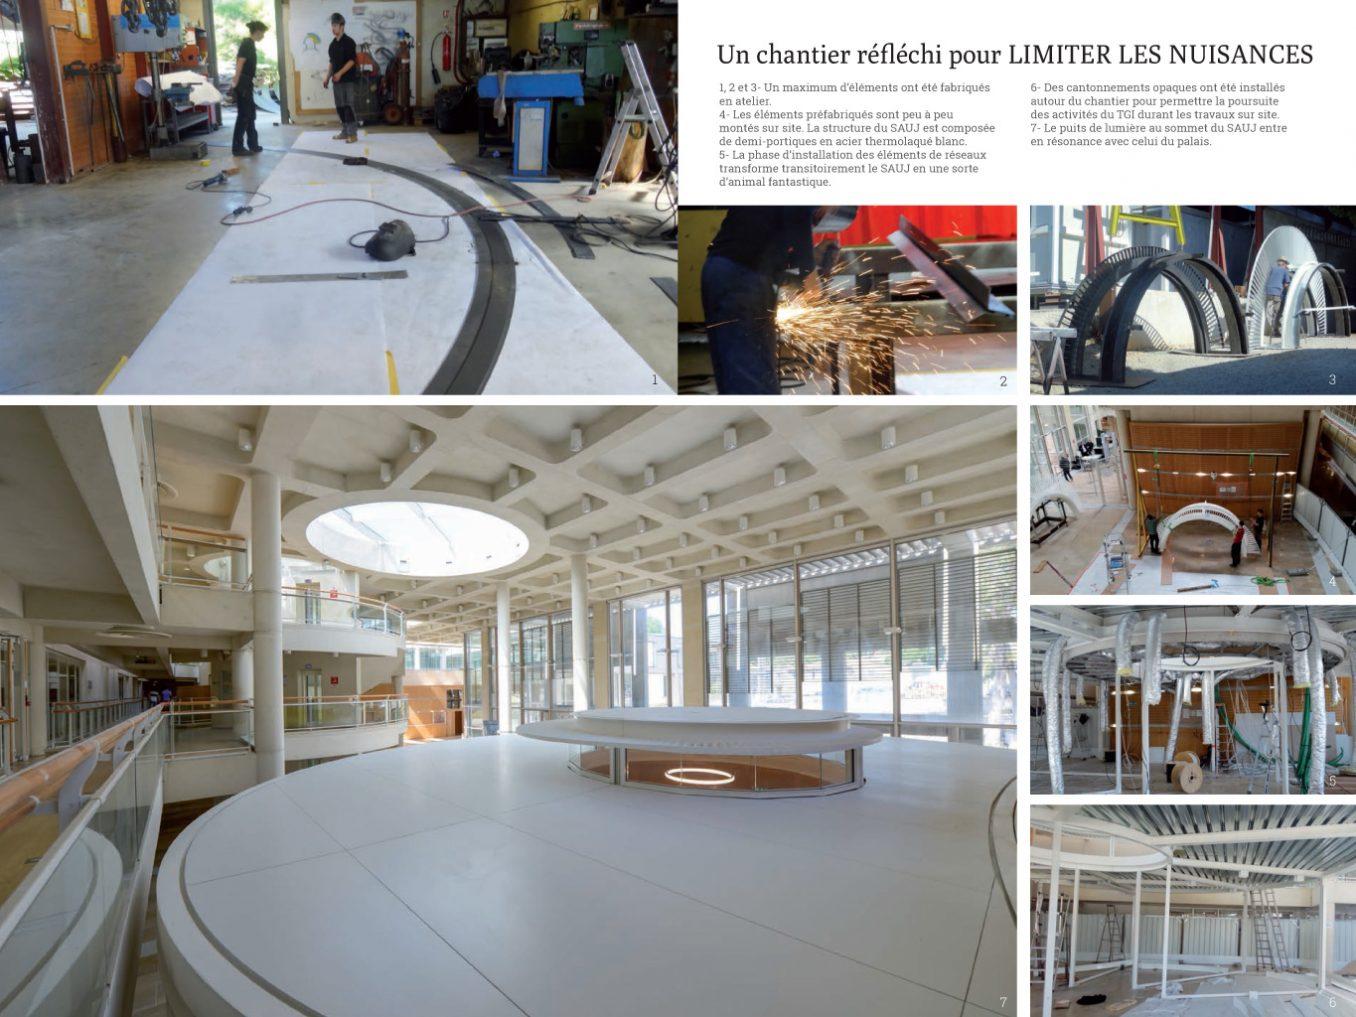 Traverses - plaquette SAUJ du tribunal Montpellier - pages 6-7